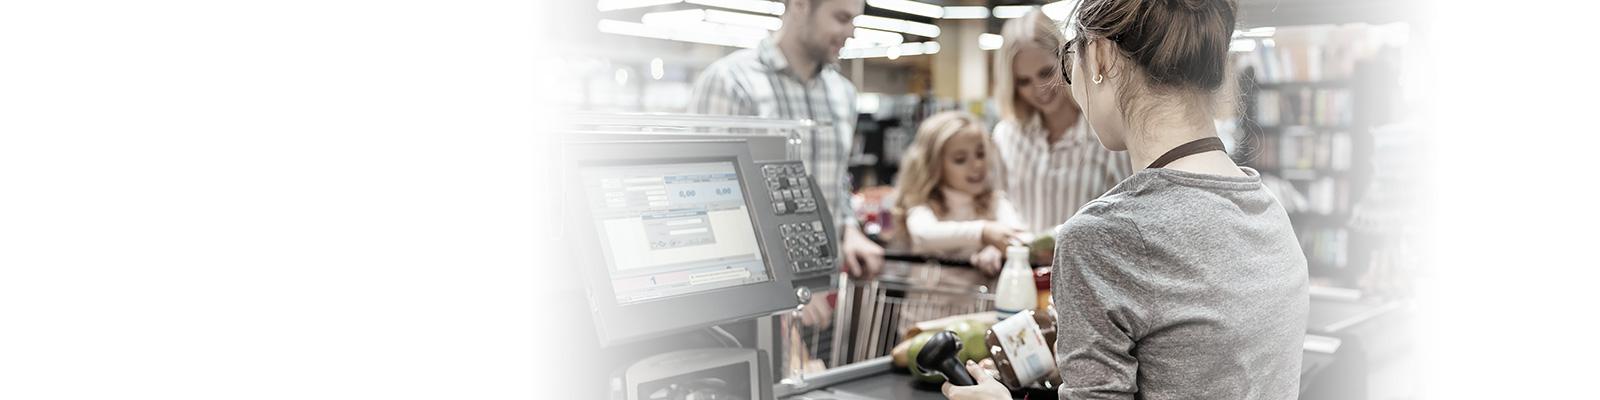 スーパーマーケット レジ 決済 イメージ